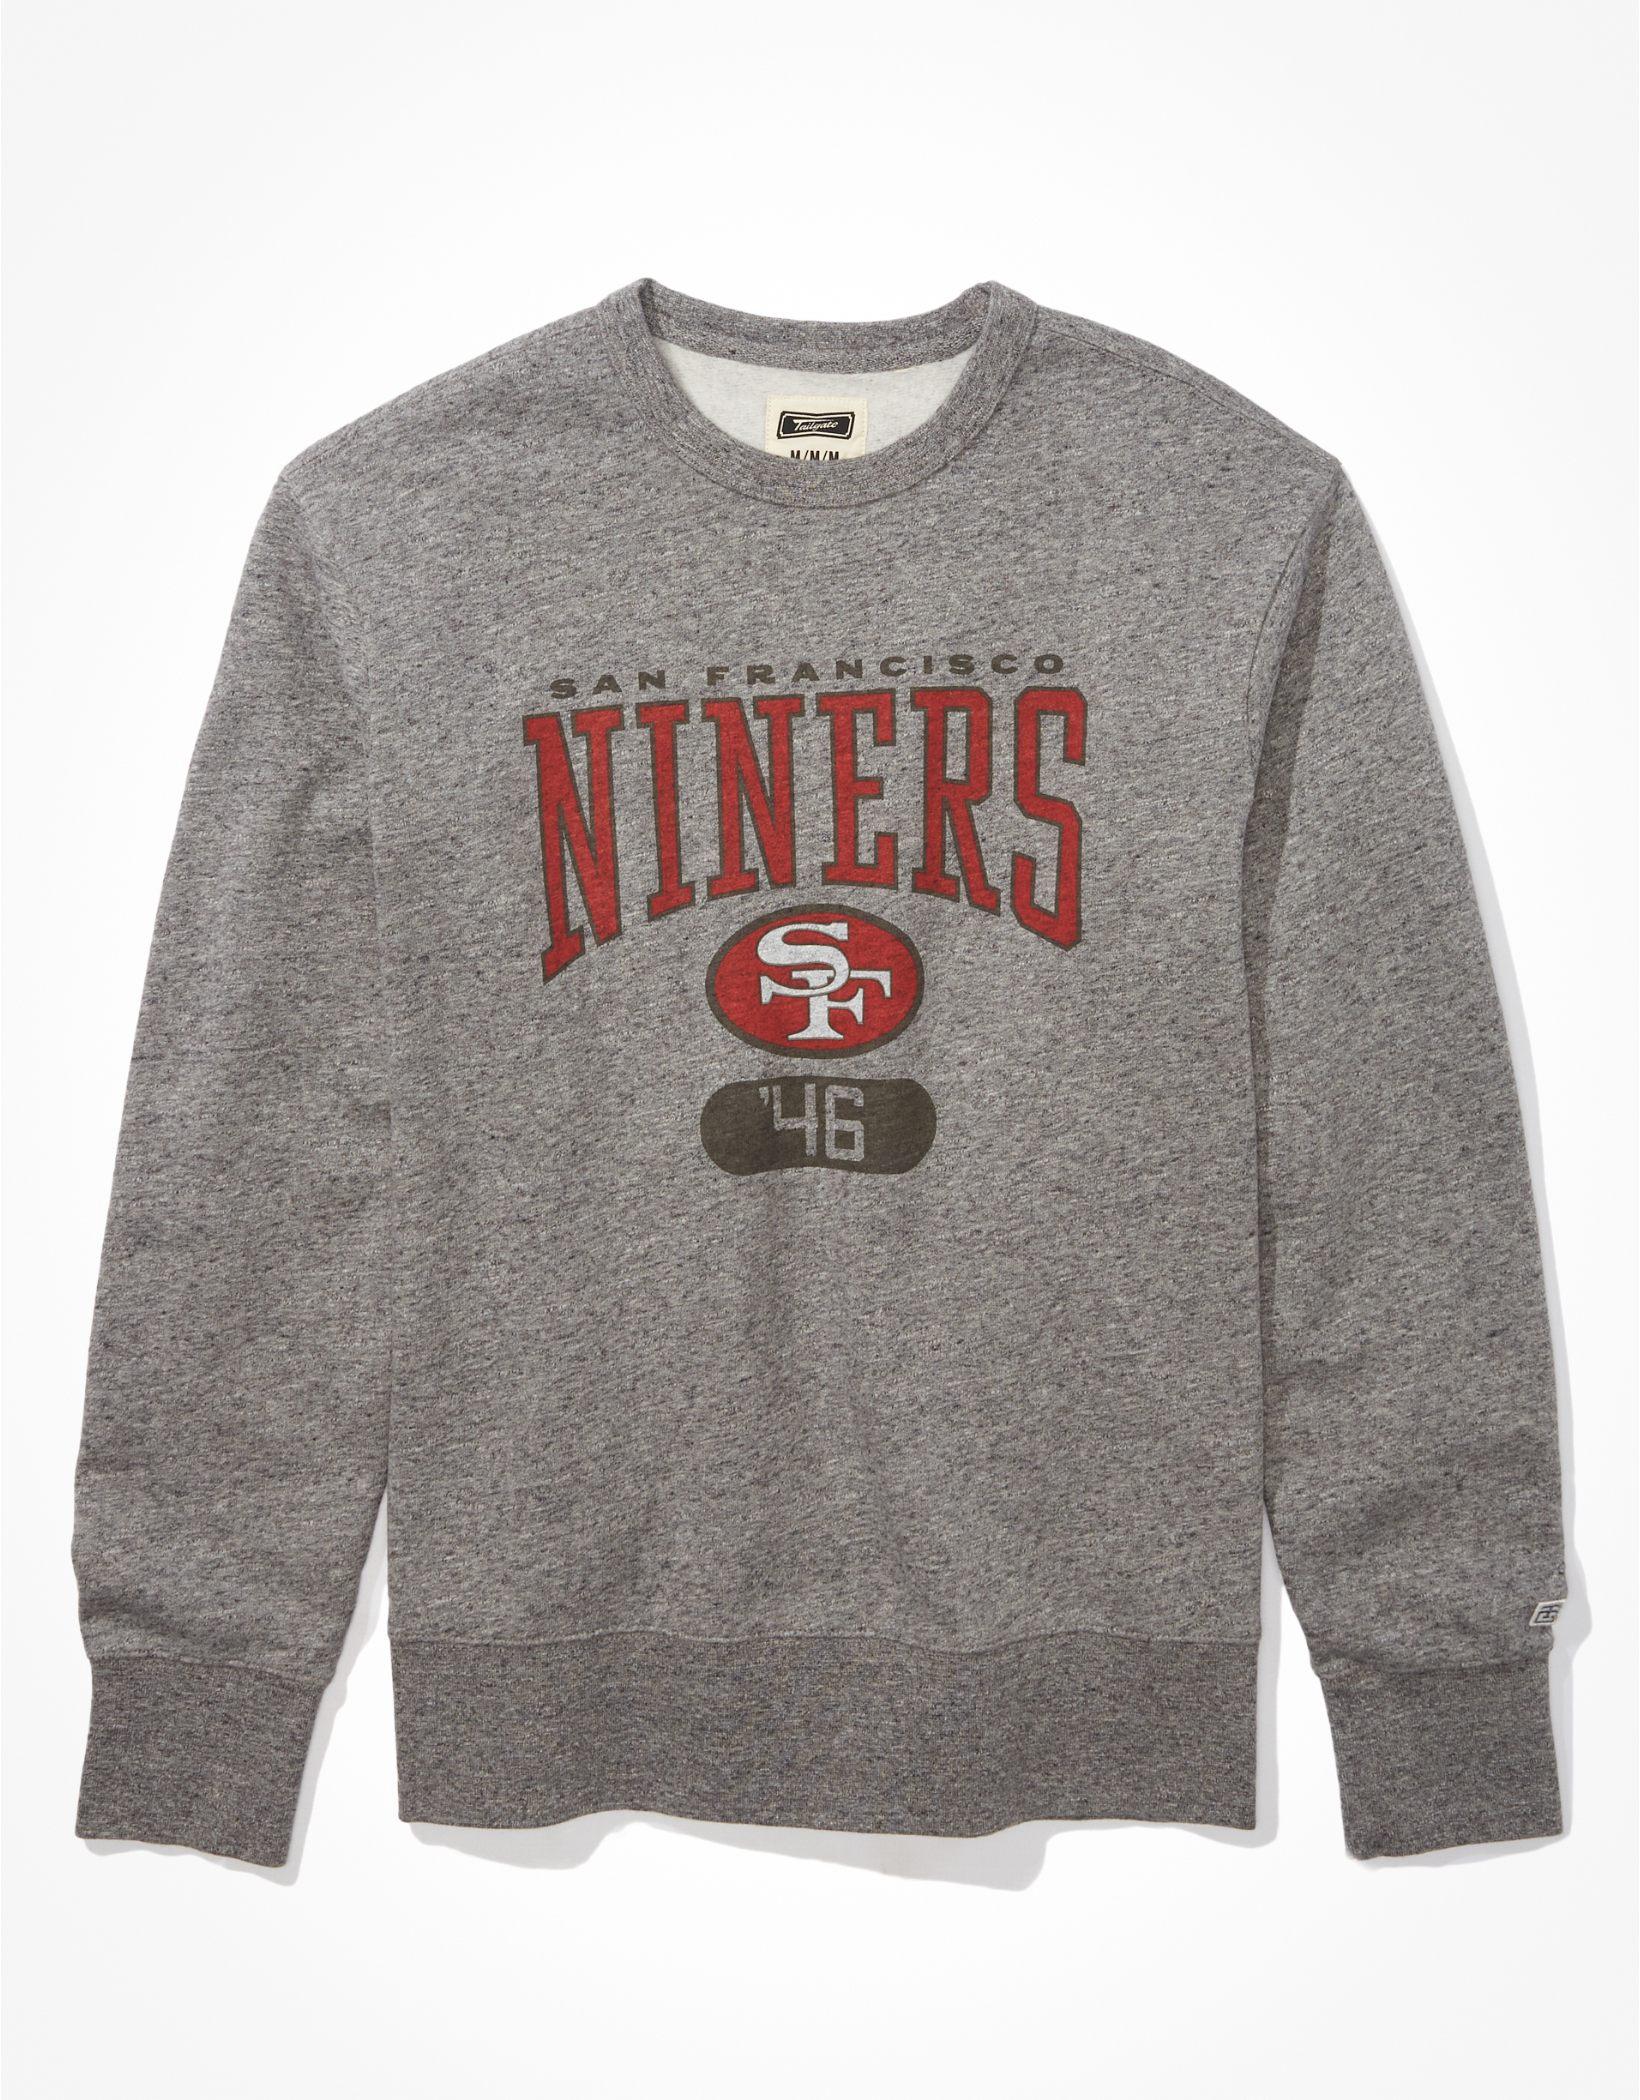 Tailgate Men's San Francisco 49ers Graphic Fleece Sweatshirt